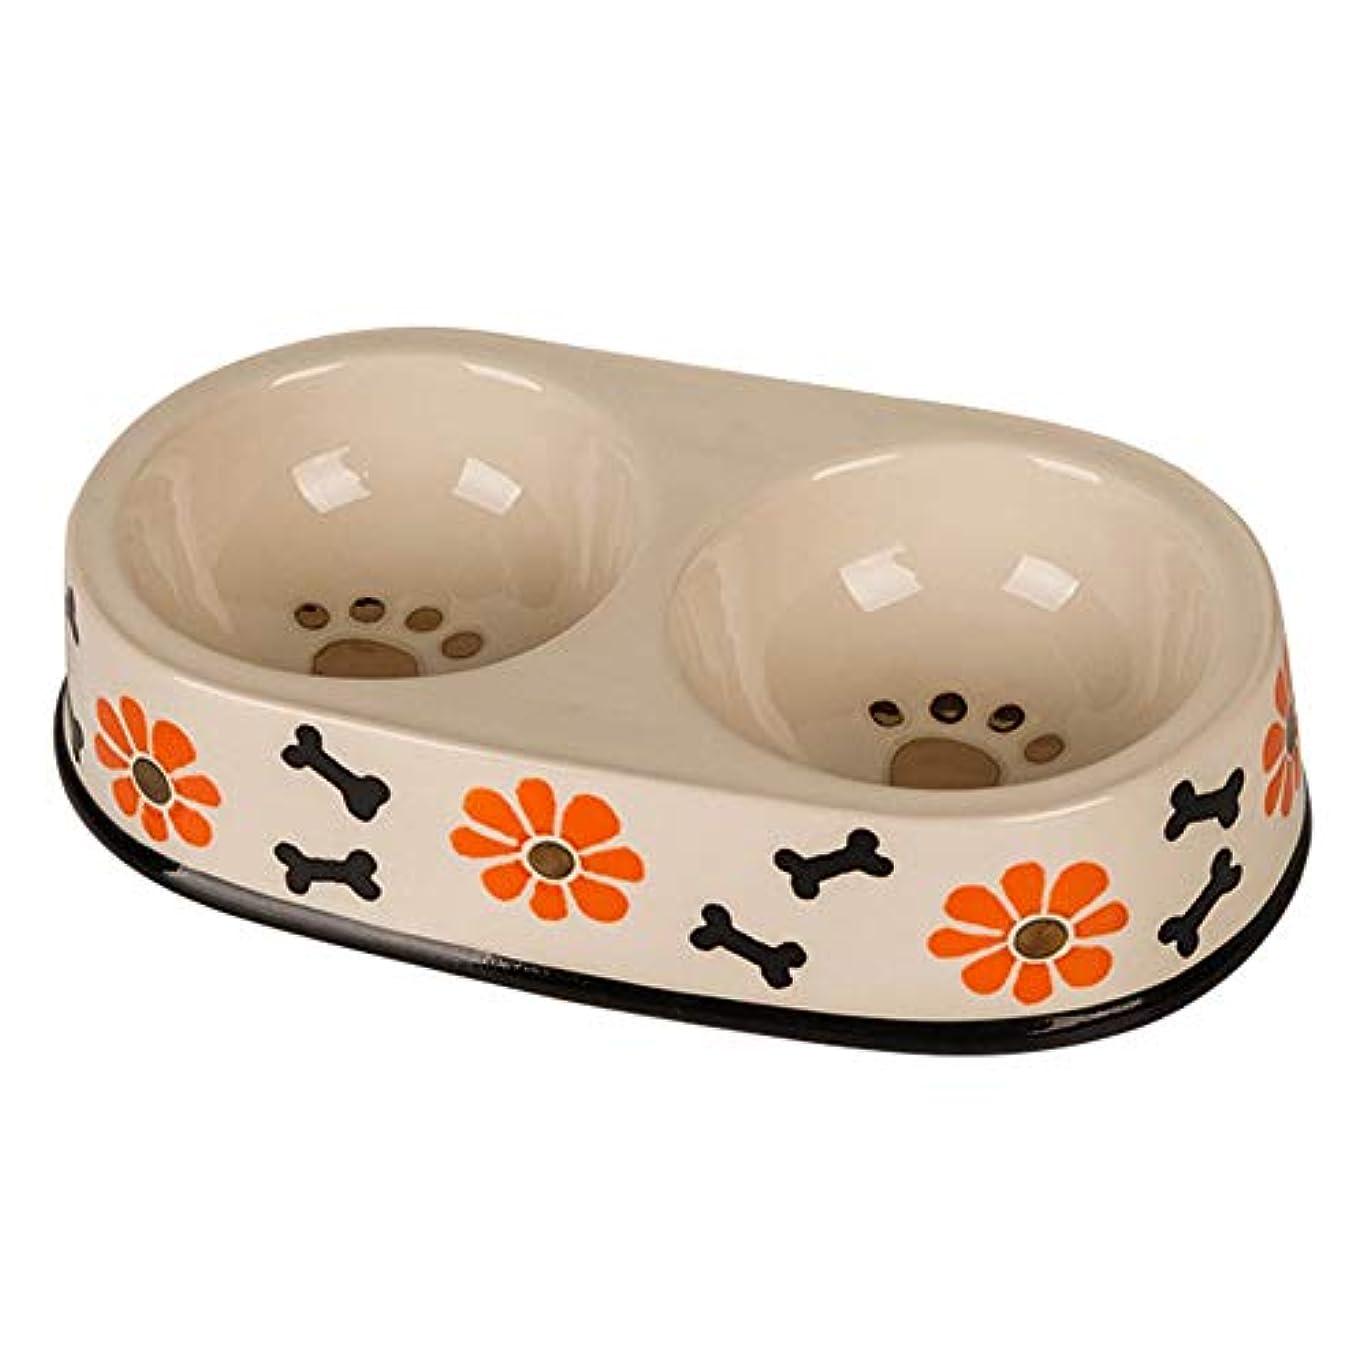 組み合わせ華氏他のバンドでMOLOVET ペットボウル ダブルボウル 犬ボウル 高質量セラミック製 小型 中型 犬&猫用食器?ボウル 可愛い